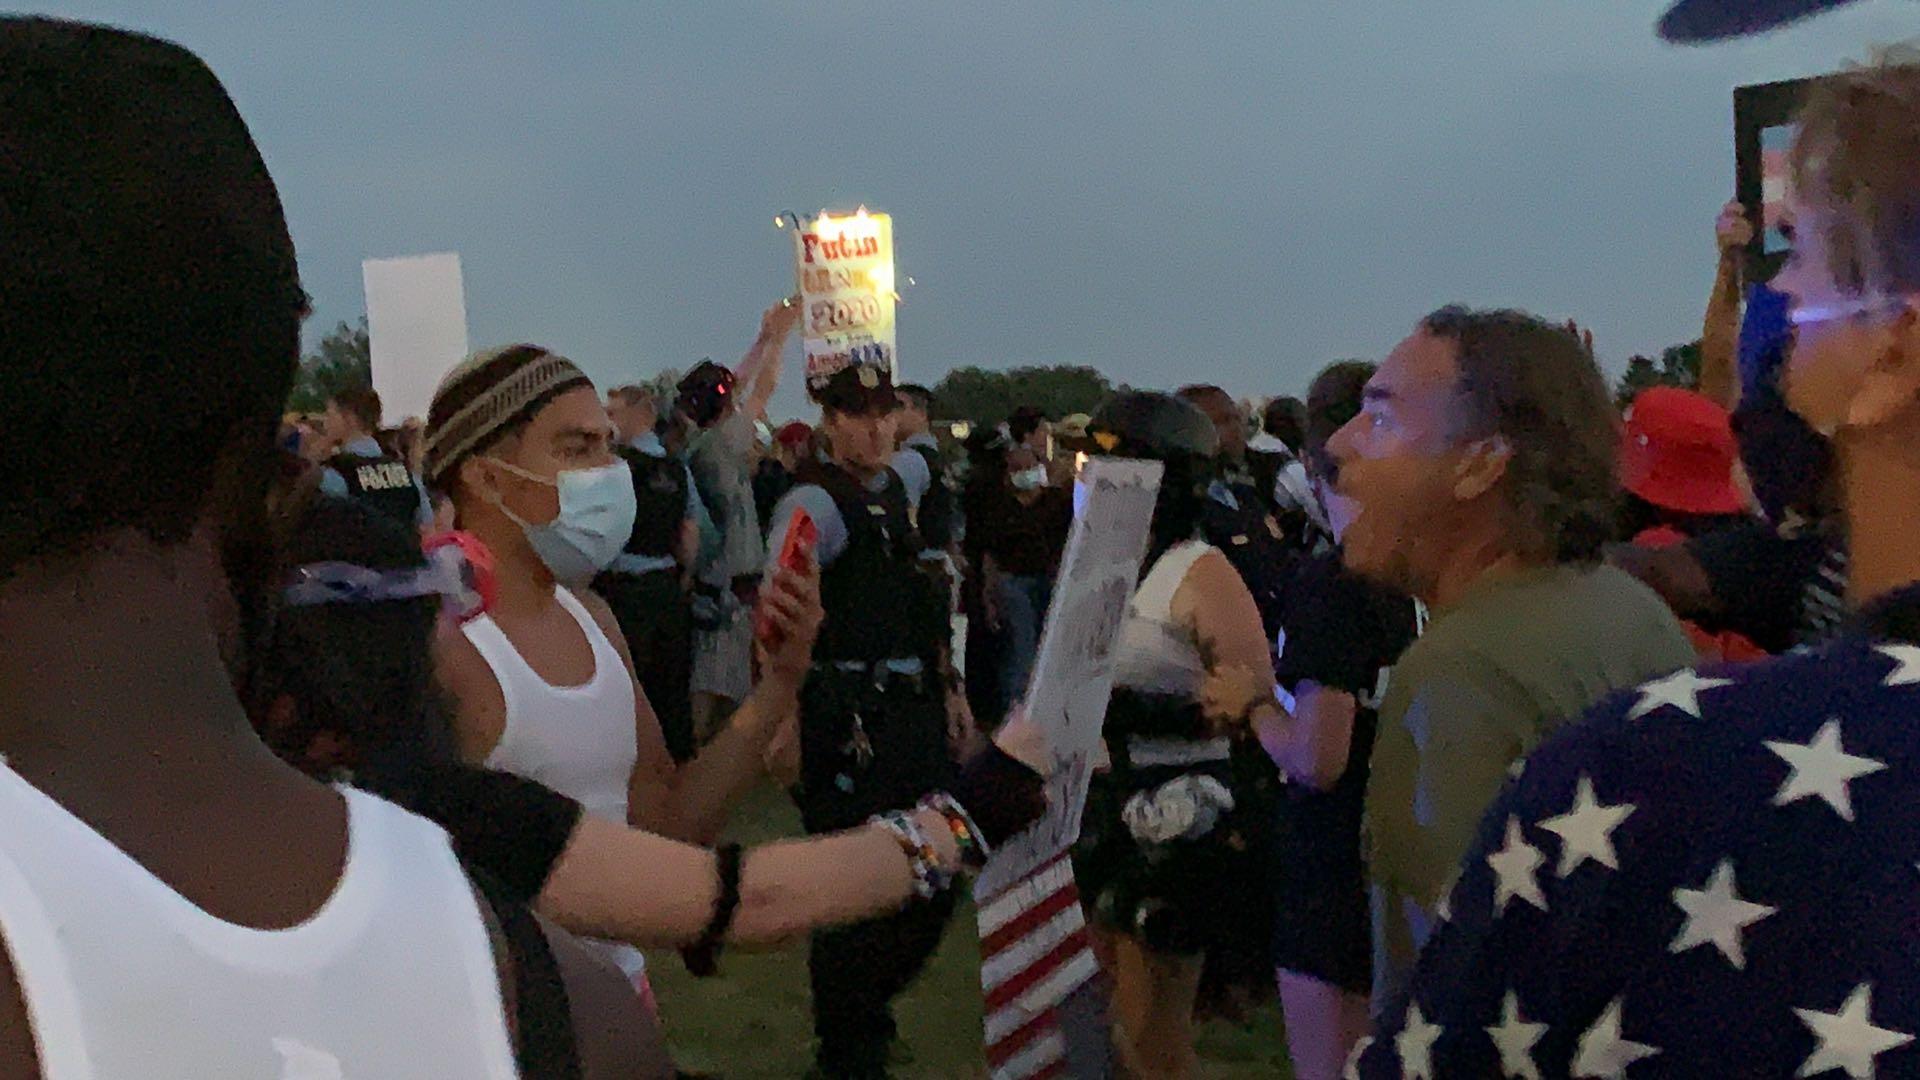 民眾在混亂中對喊口號,相互挑釁。(記者張筠 / 攝影)